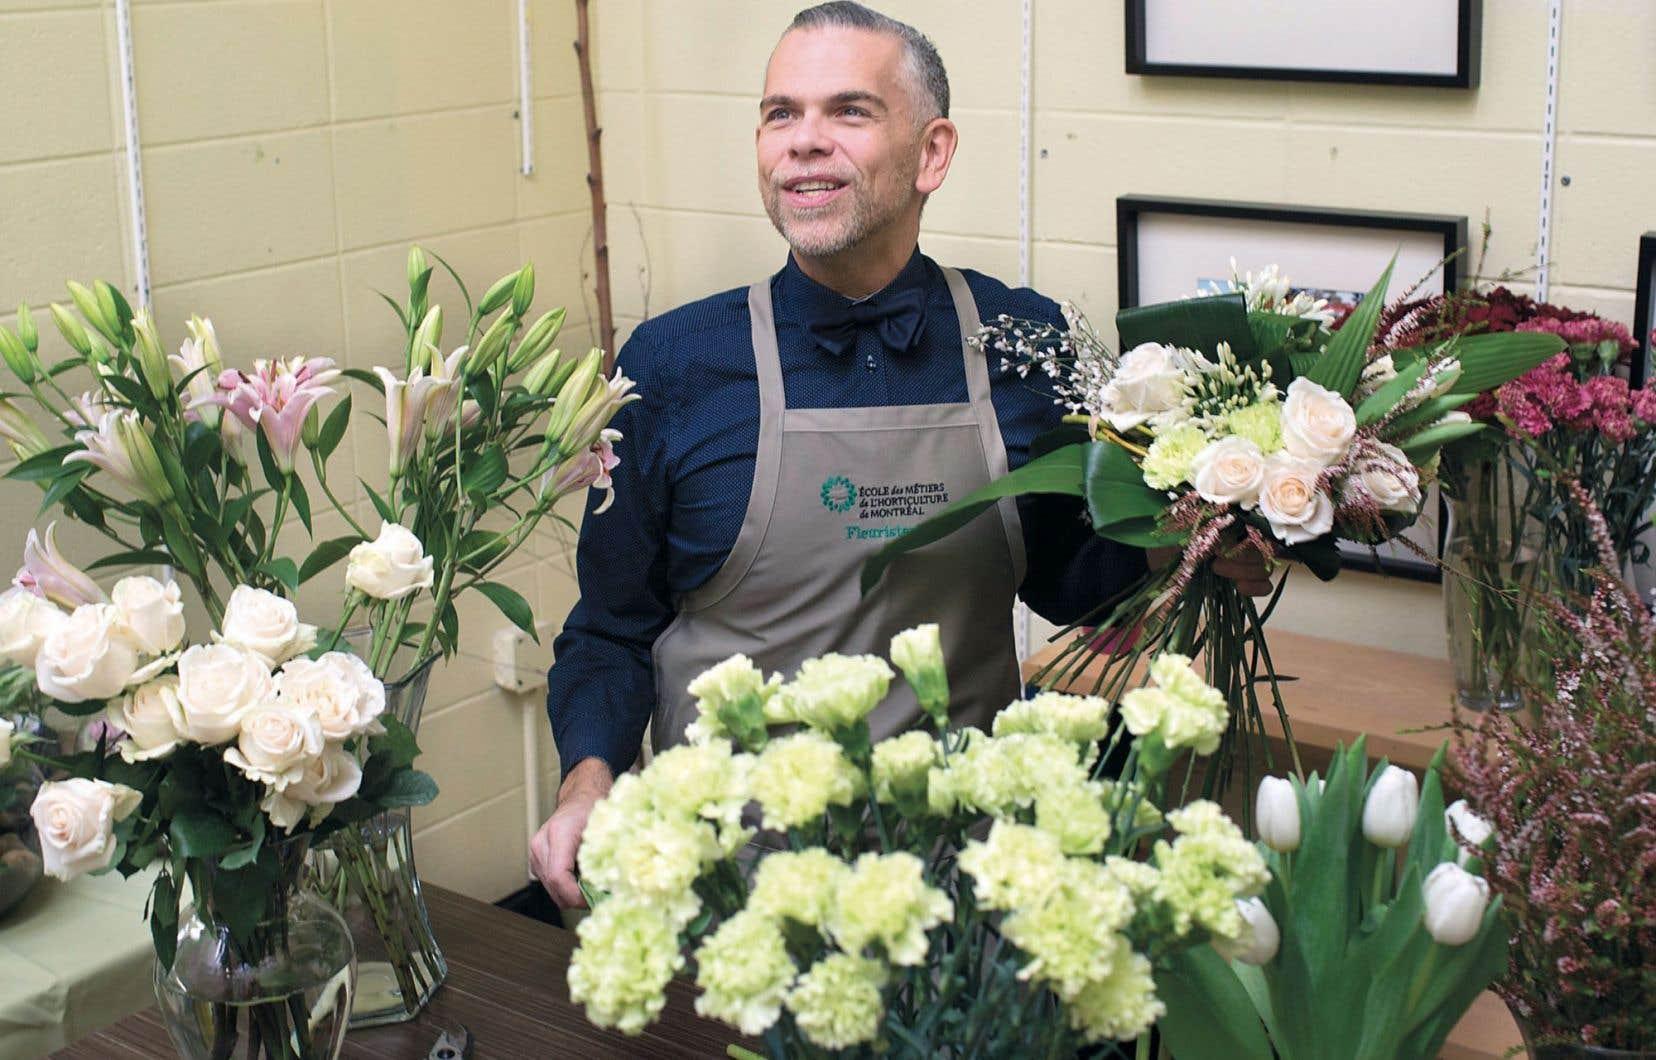 <em>«On est, fleuristes, dans la vie intime des gens. On est là dans les bons comme les moins bons moments»</em>, dit Patrick Marsan, fleuriste et enseignant à l'École des métiers de l'horticulture de Montréal.